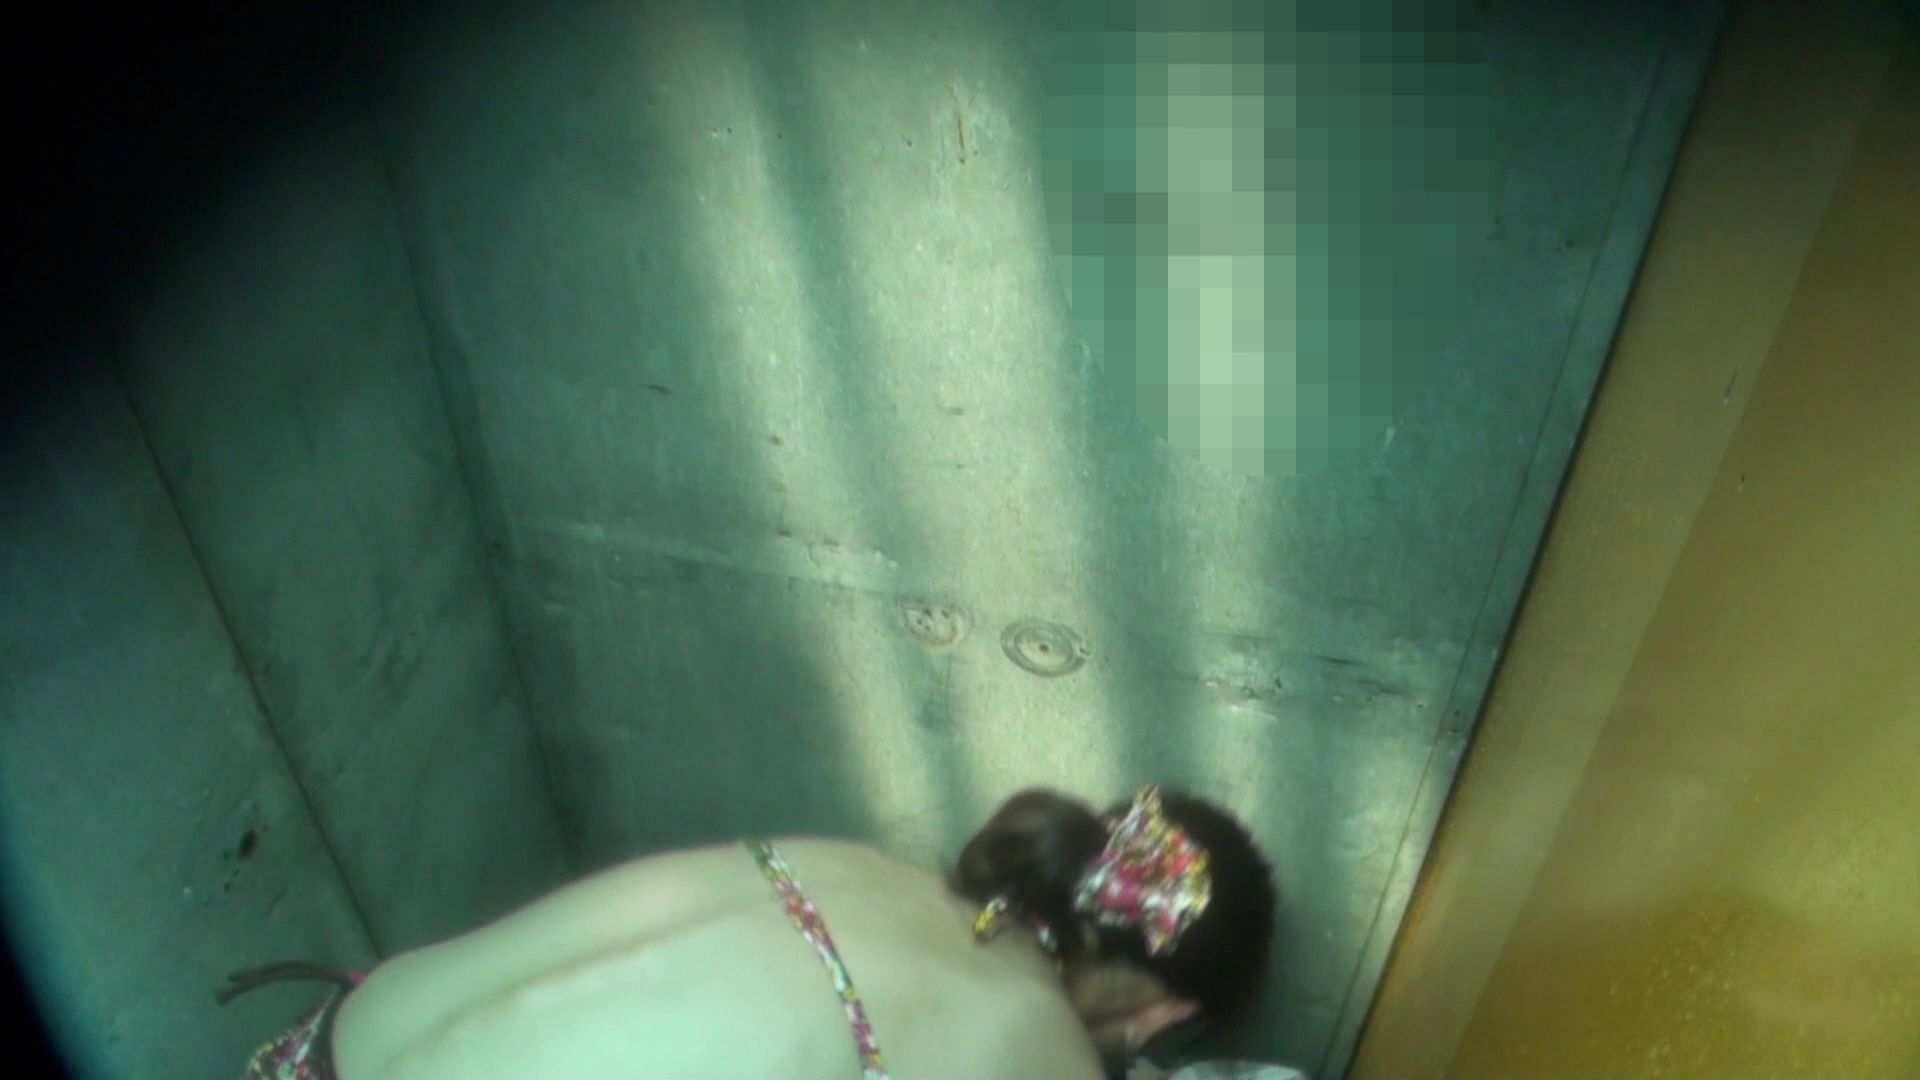 シャワールームは超!!危険な香りVol.16 意外に乳首は年増のそれ 高画質  44連発 44